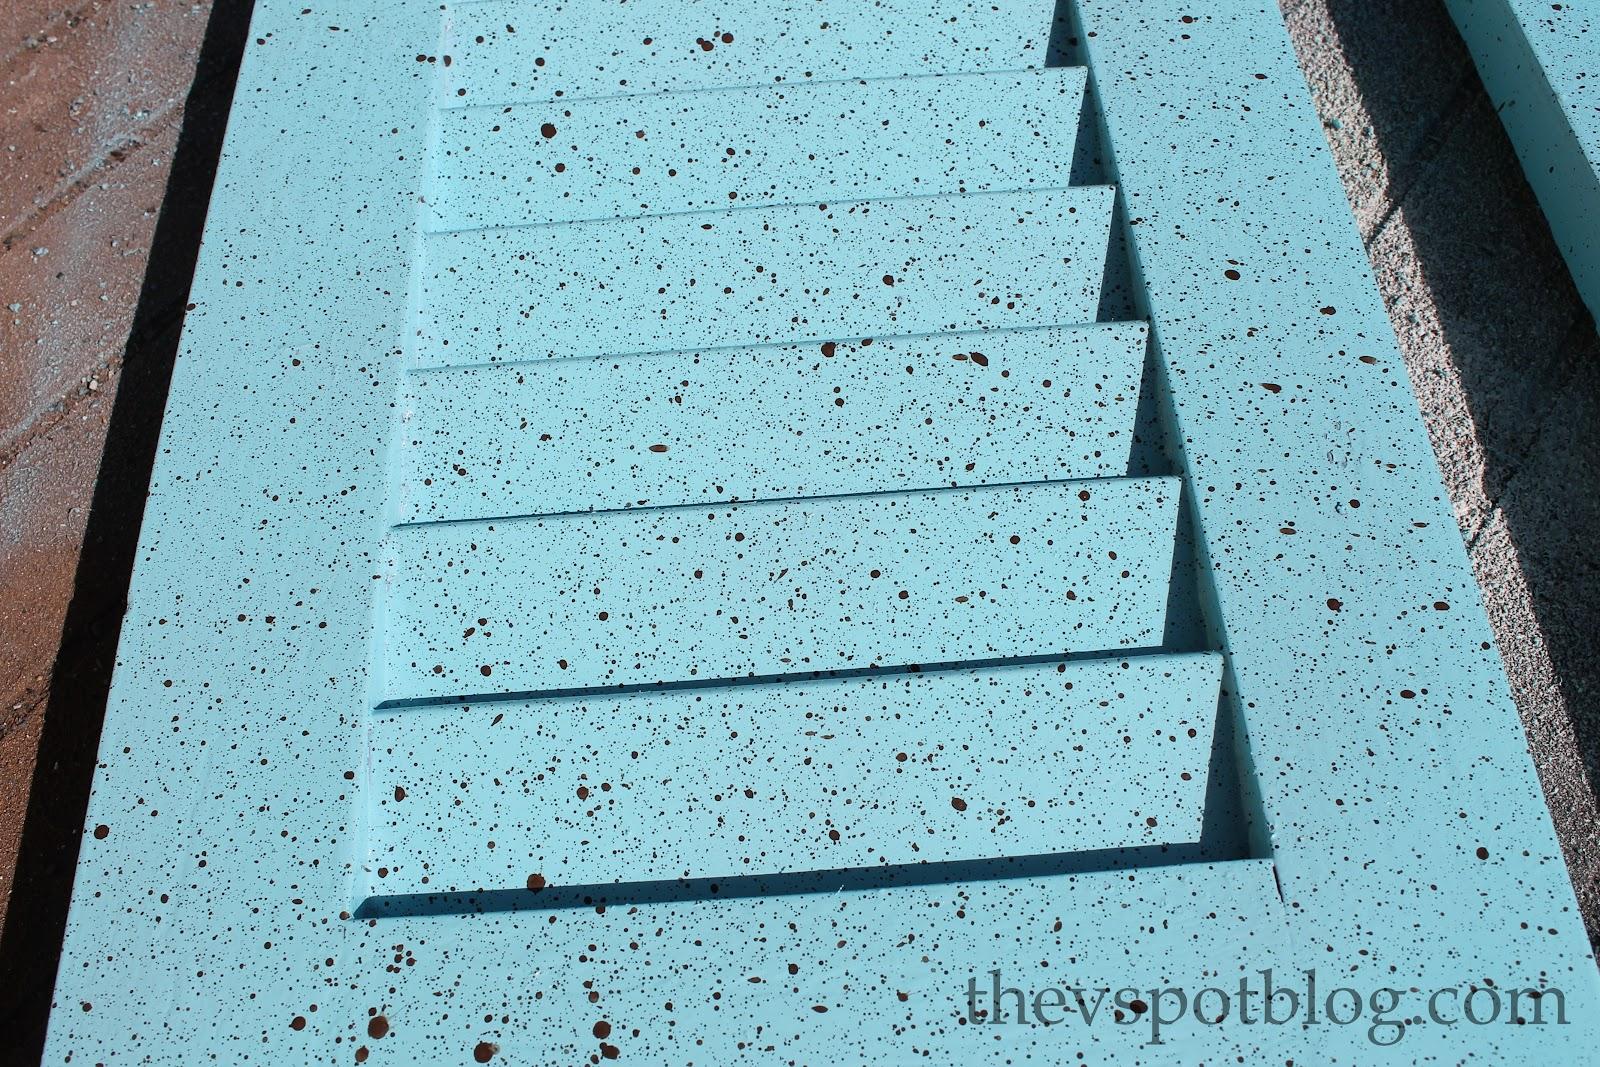 Speckling paint technique